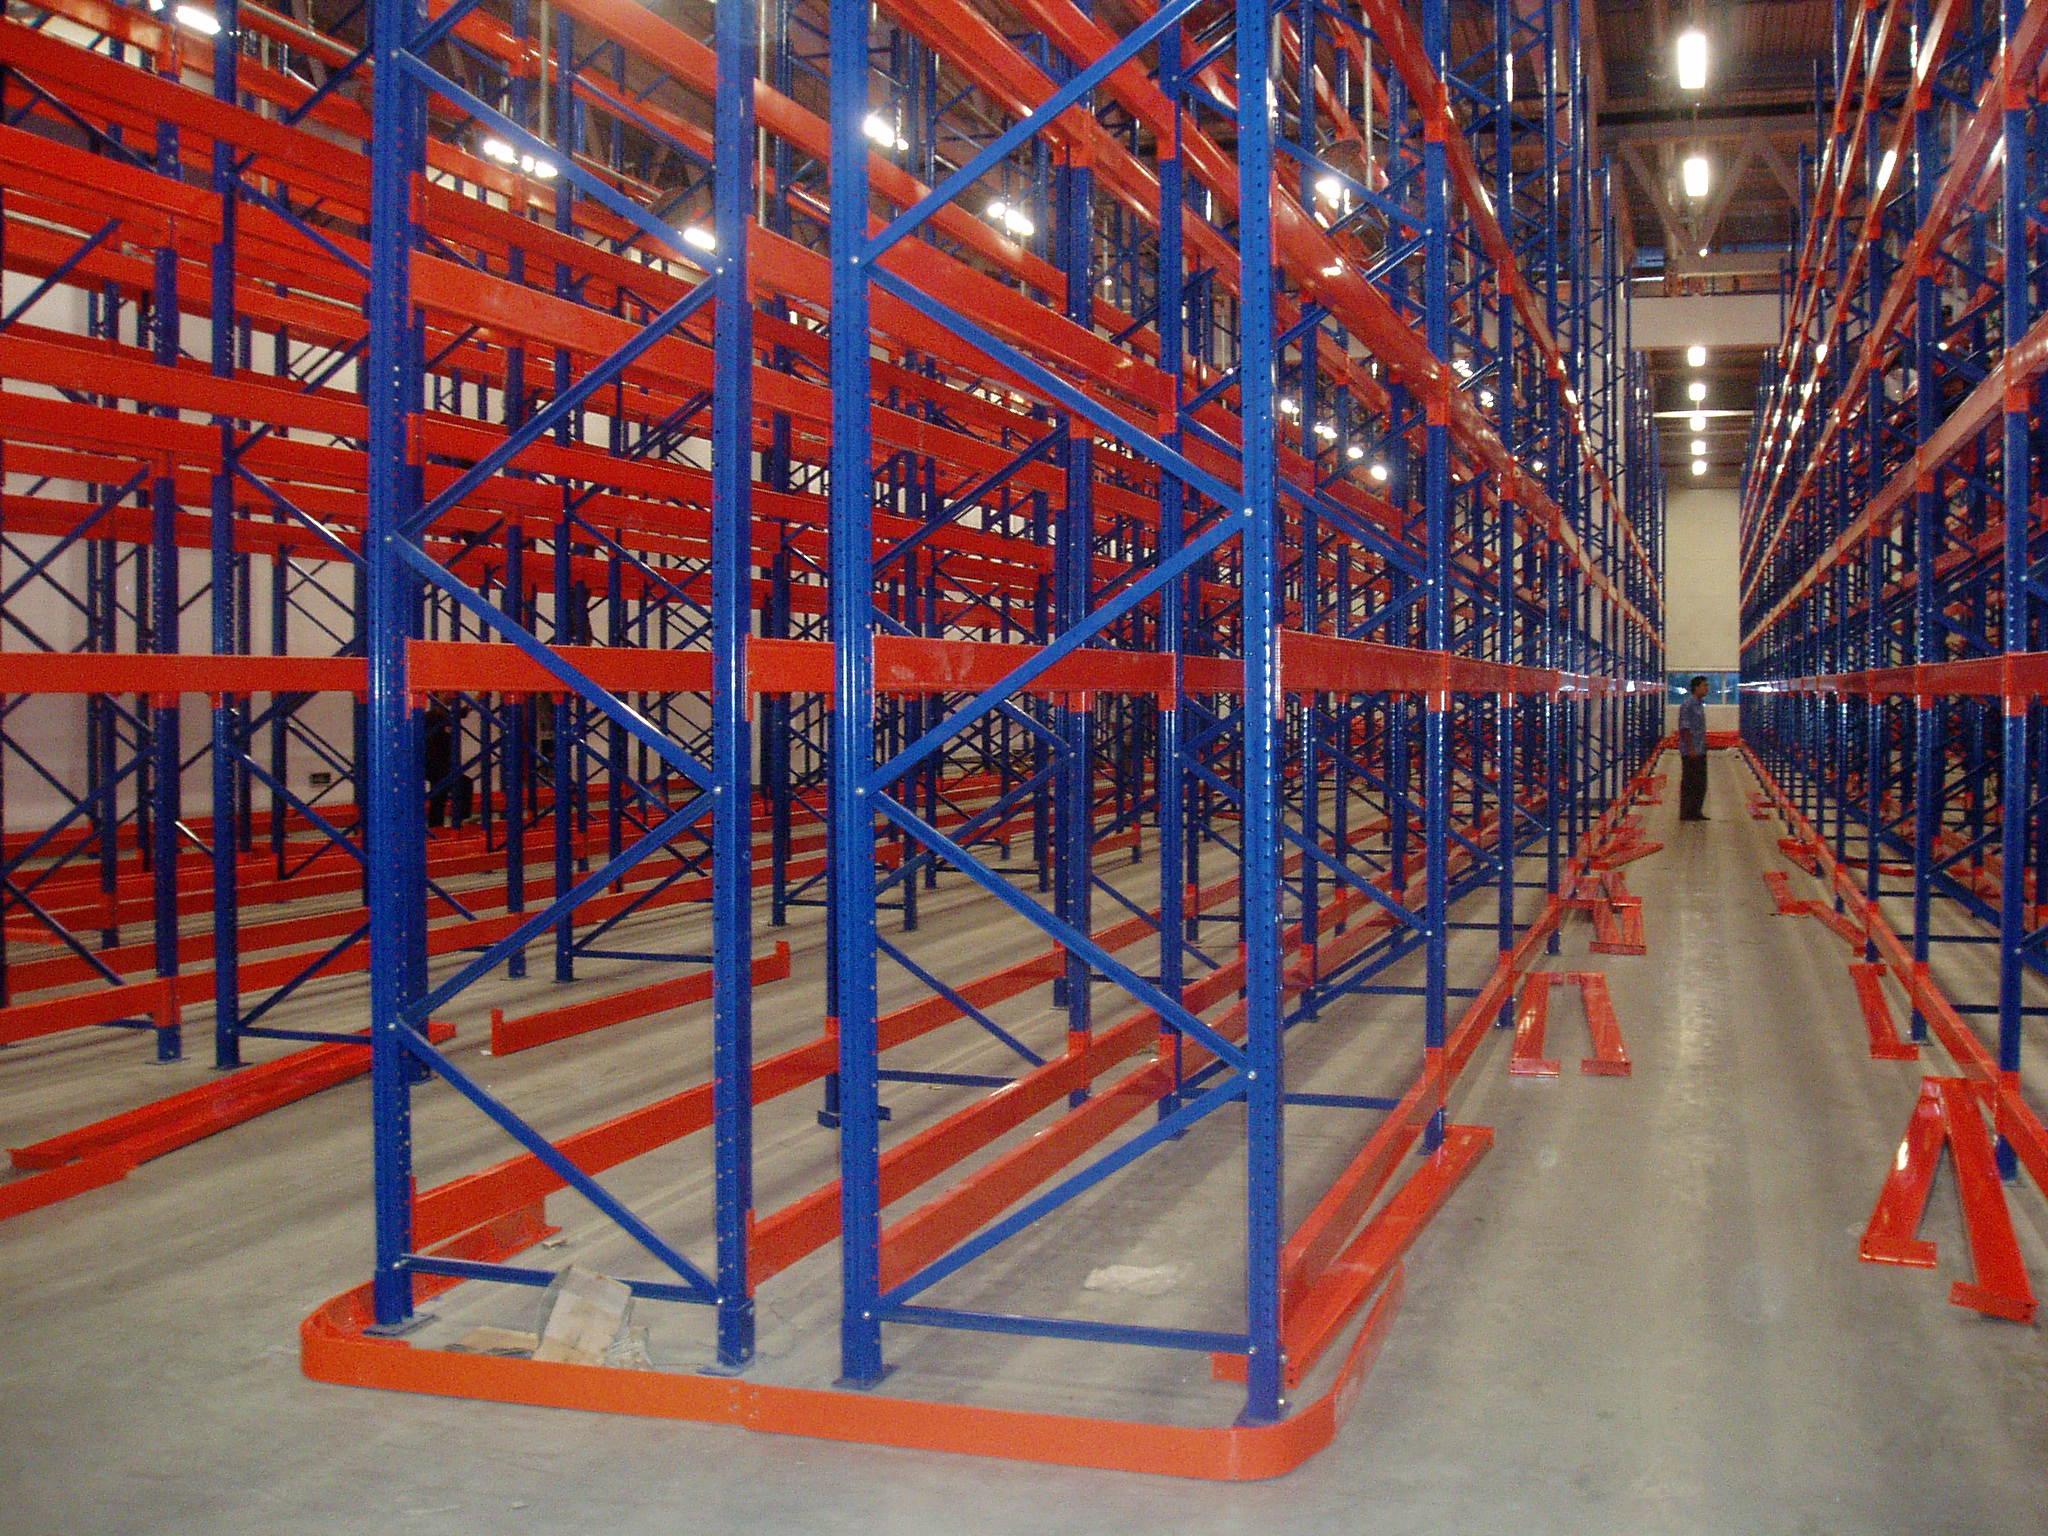 常州悬臂重型货架源头厂家 有口皆碑 苏州苙泽物流设备供应